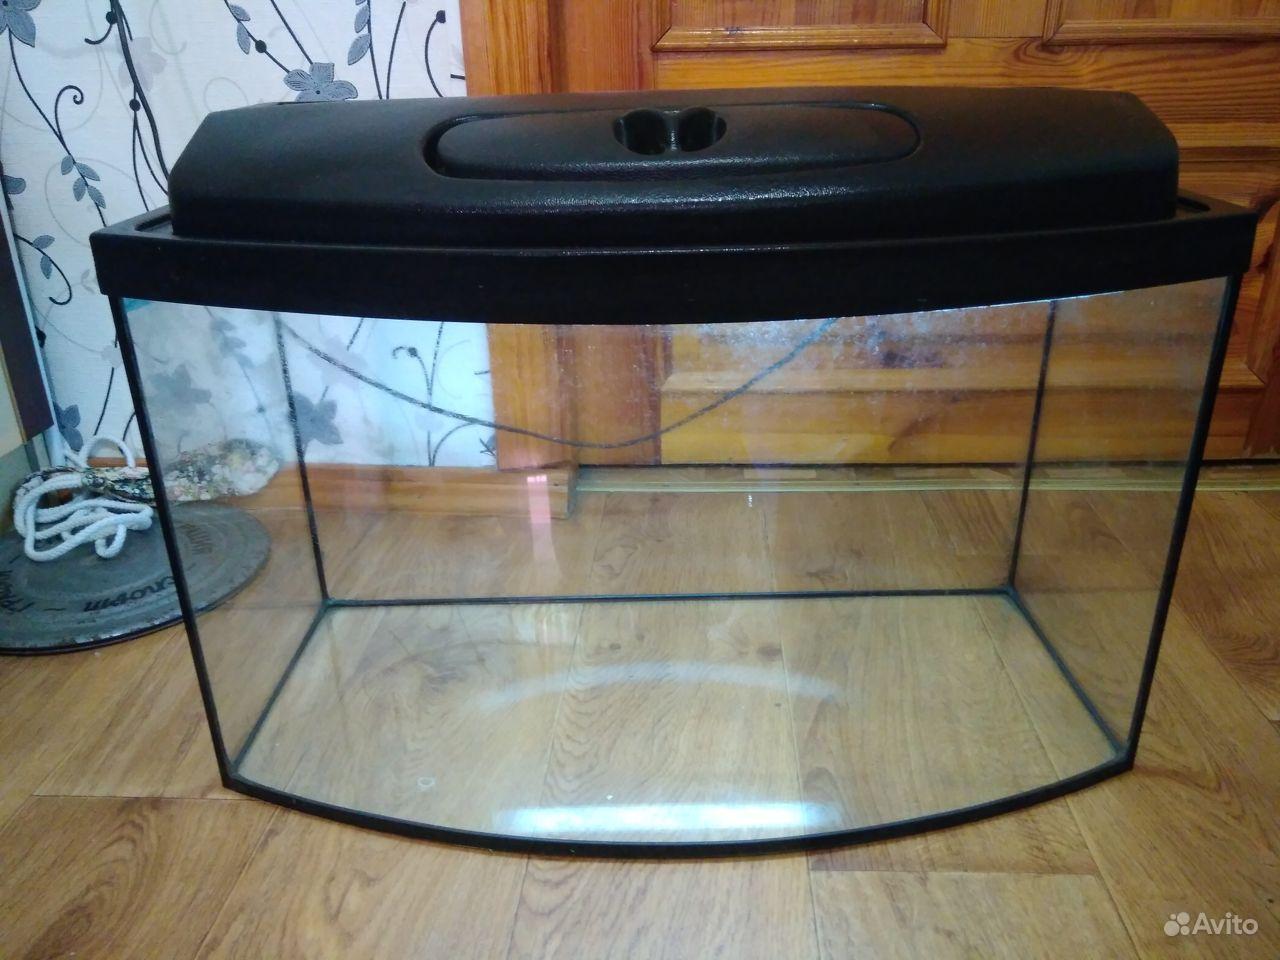 Аквариум 65 лит., фильтр, обогреватель, лампа б.у